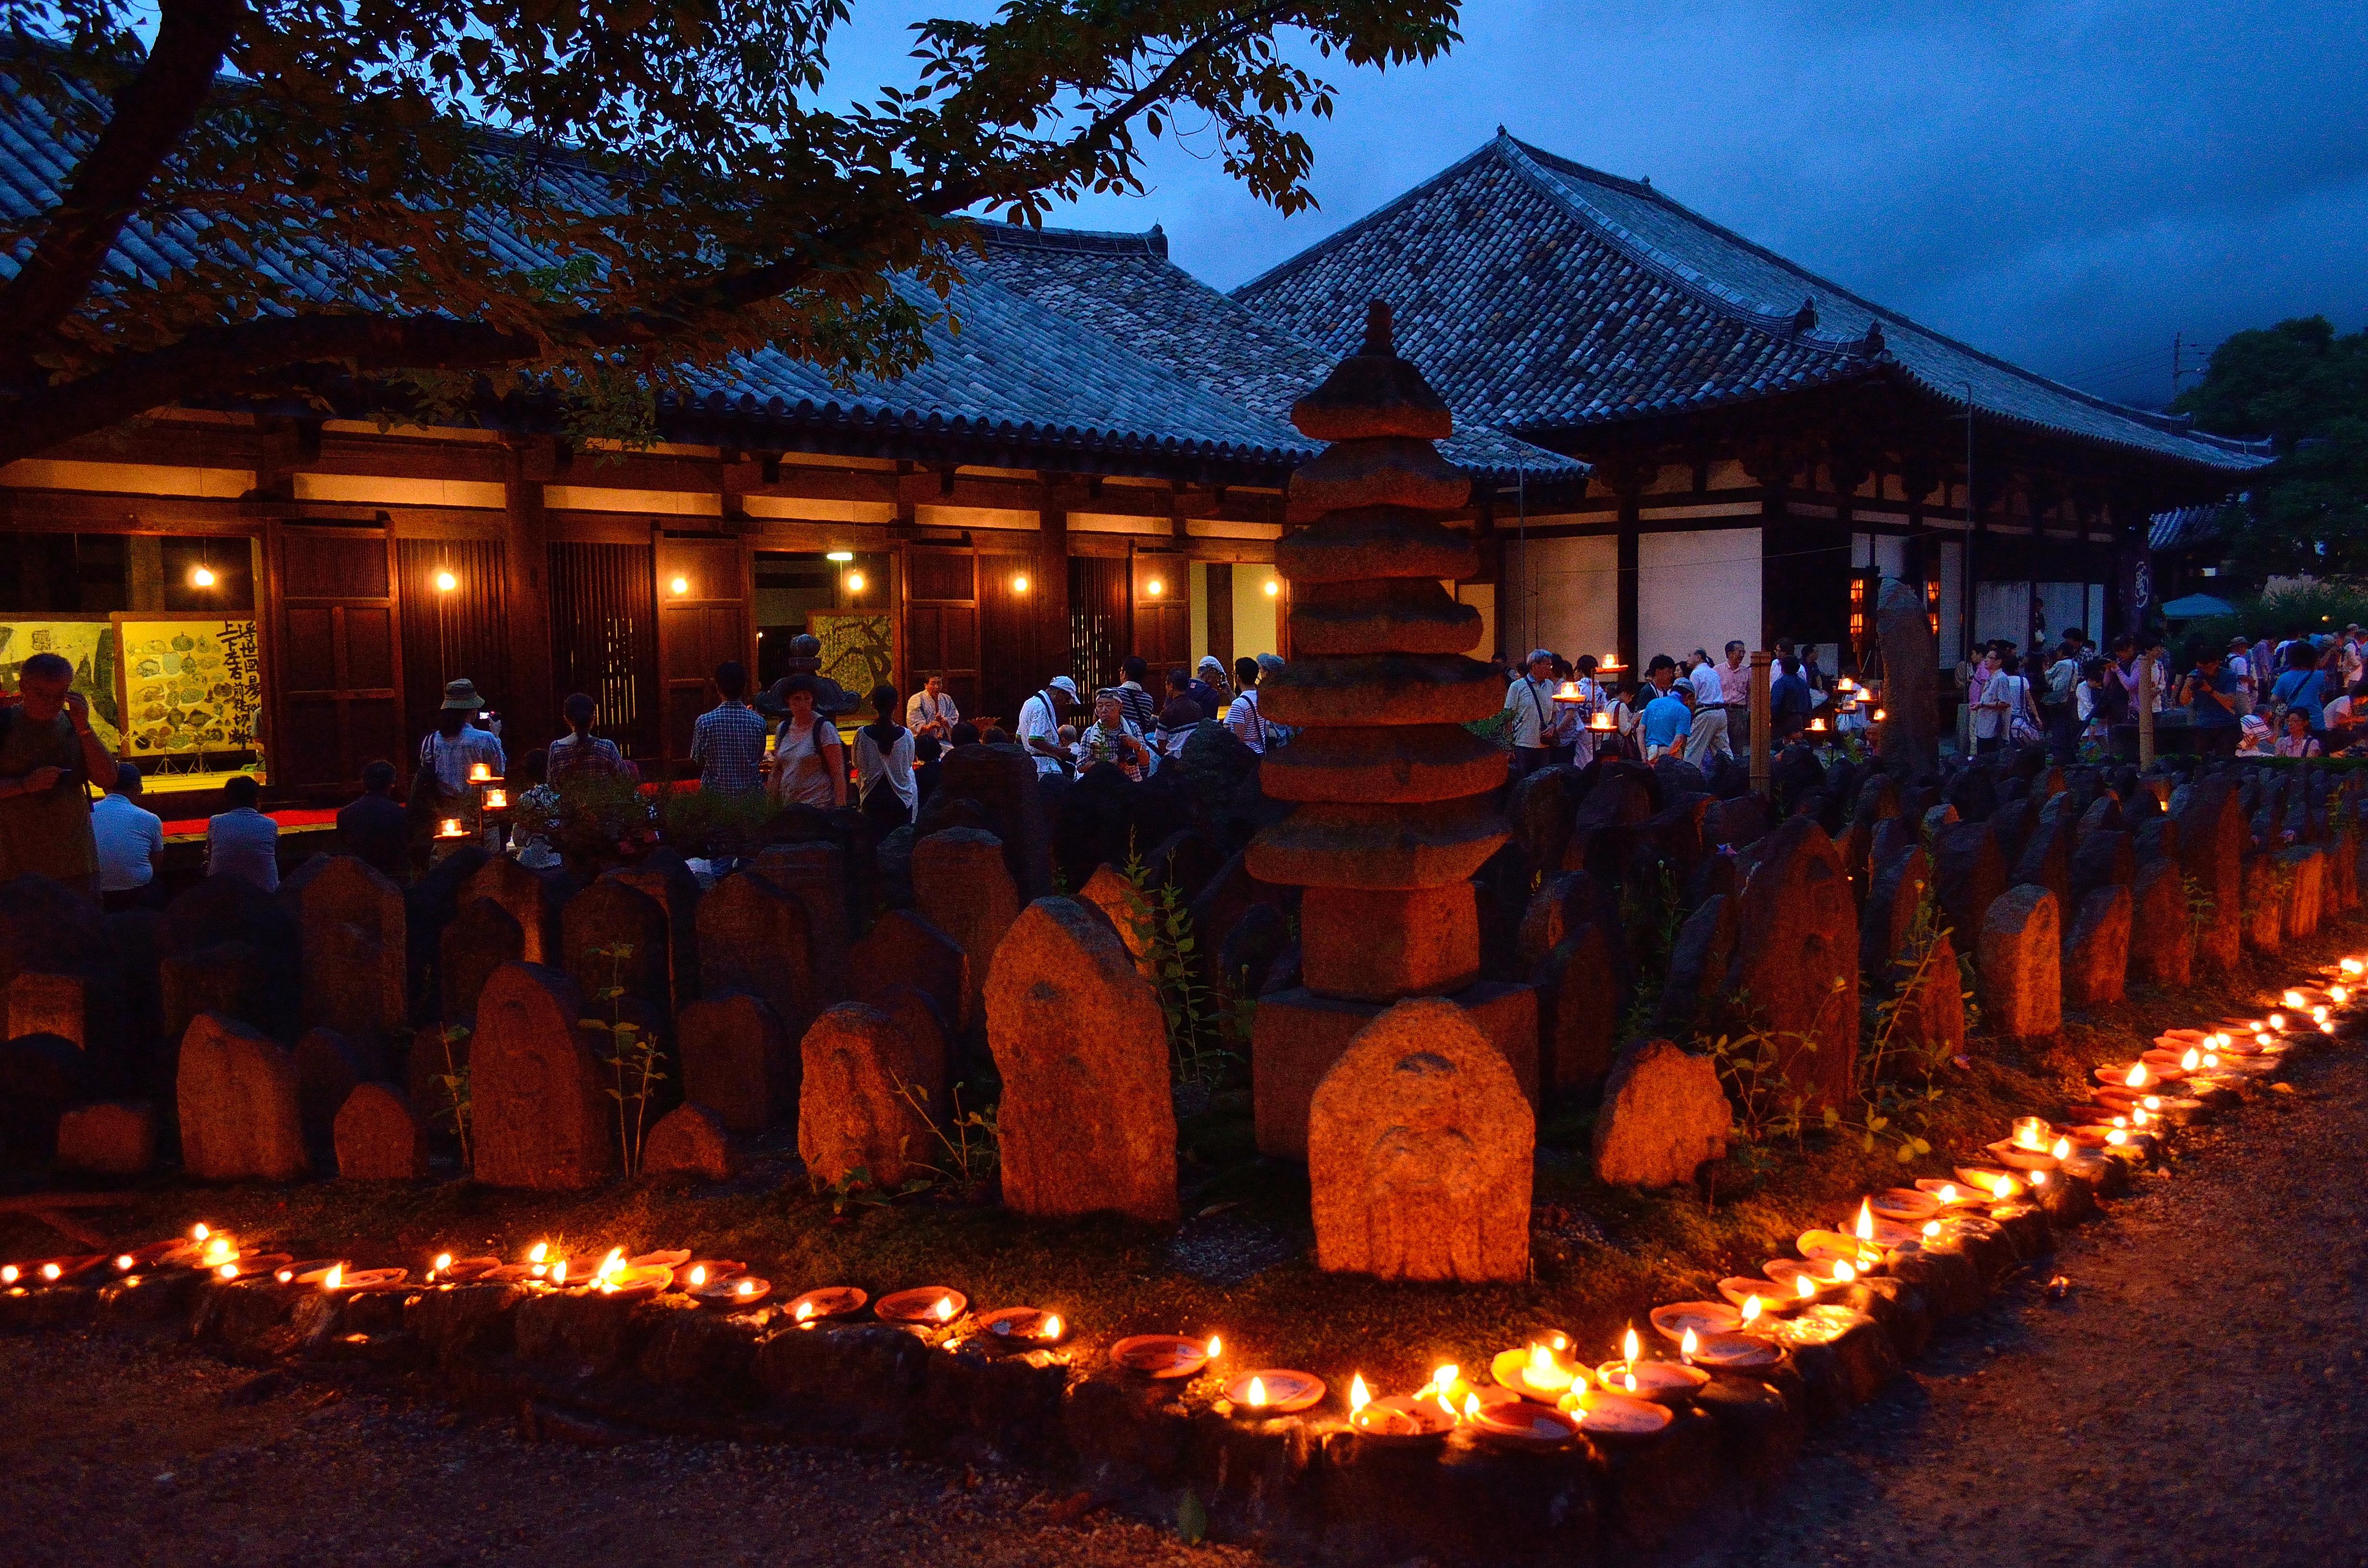 元興寺 地蔵会万灯供養  極楽堂と七重石塔